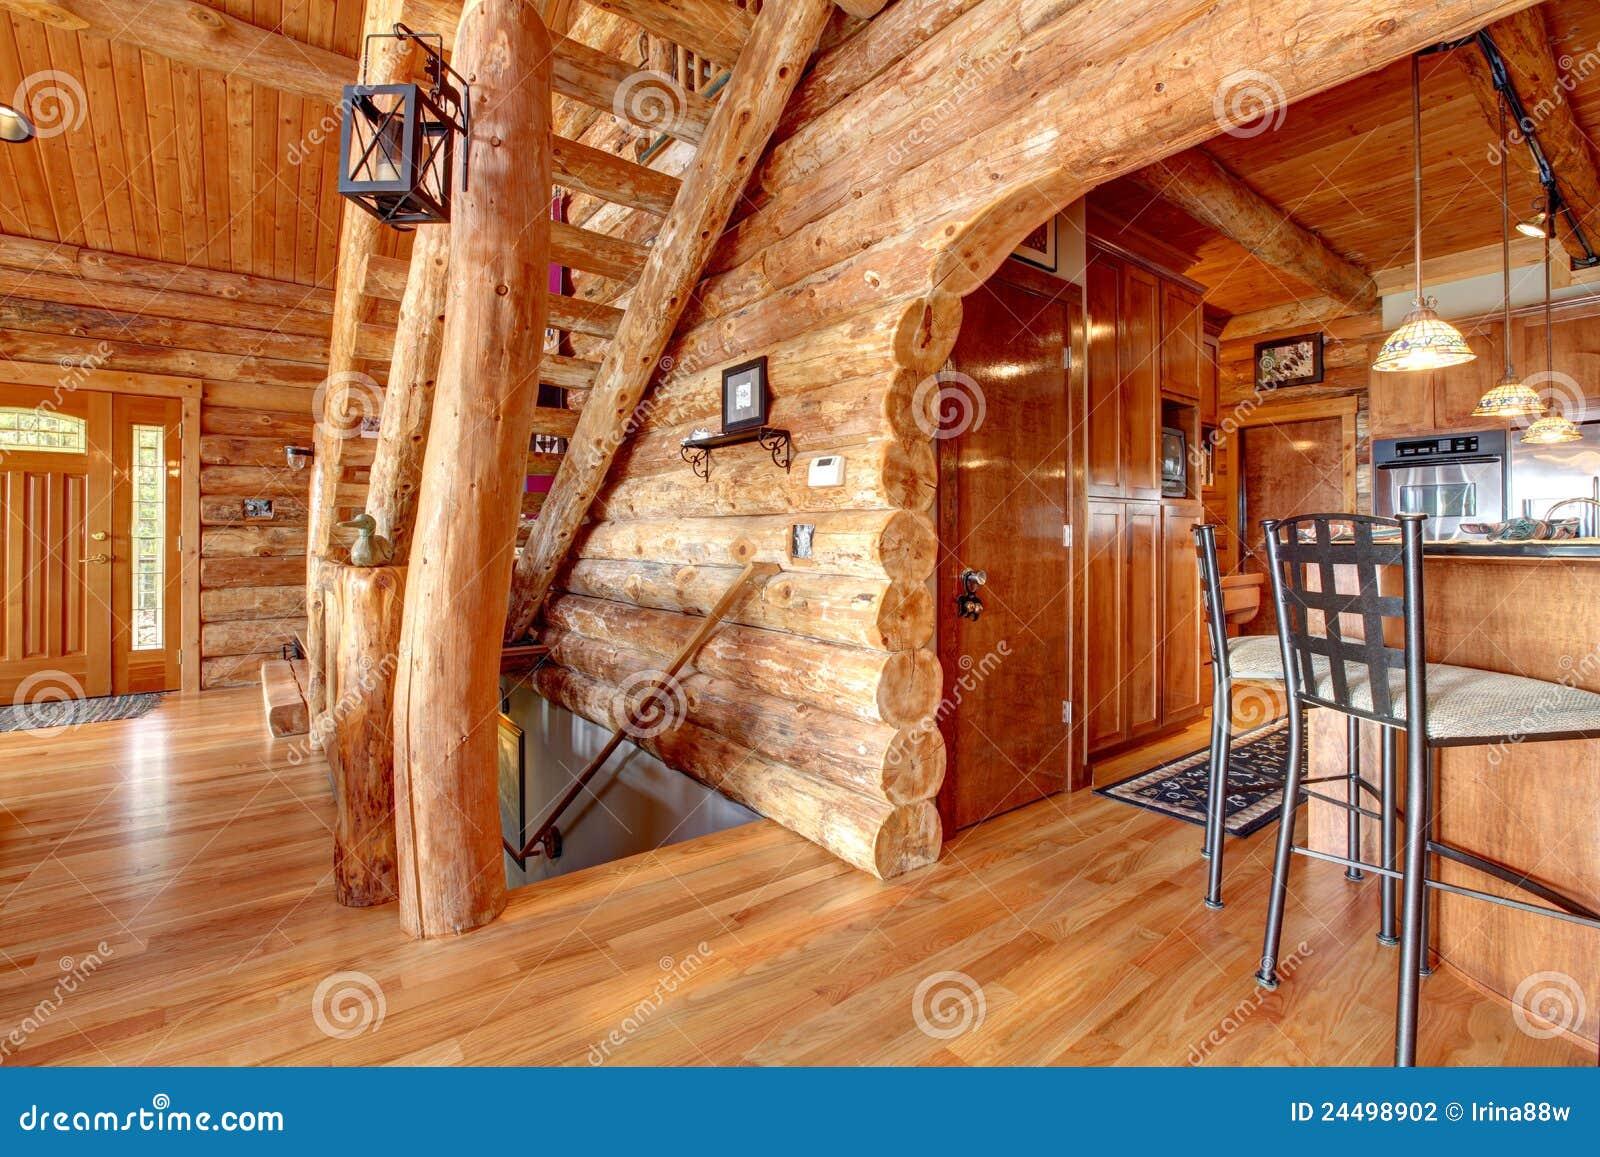 Cuisine de cabine de log et intérieur d escalier.